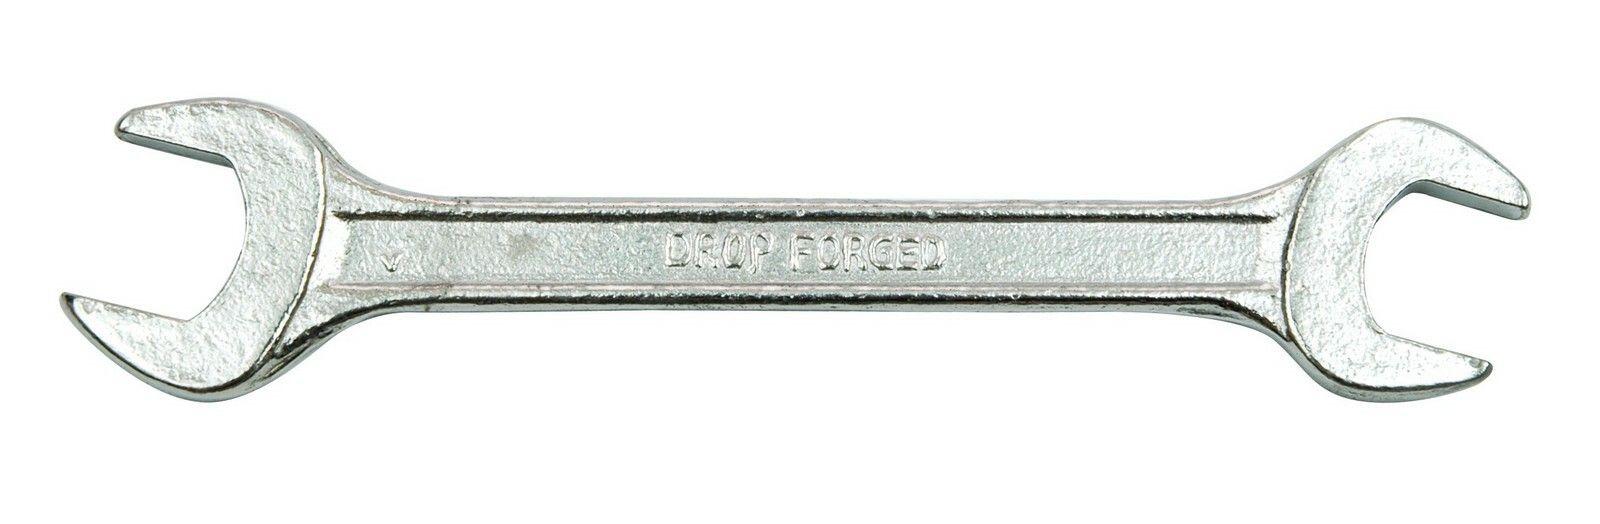 Klíč plochý 13 x 17  mm TOYA